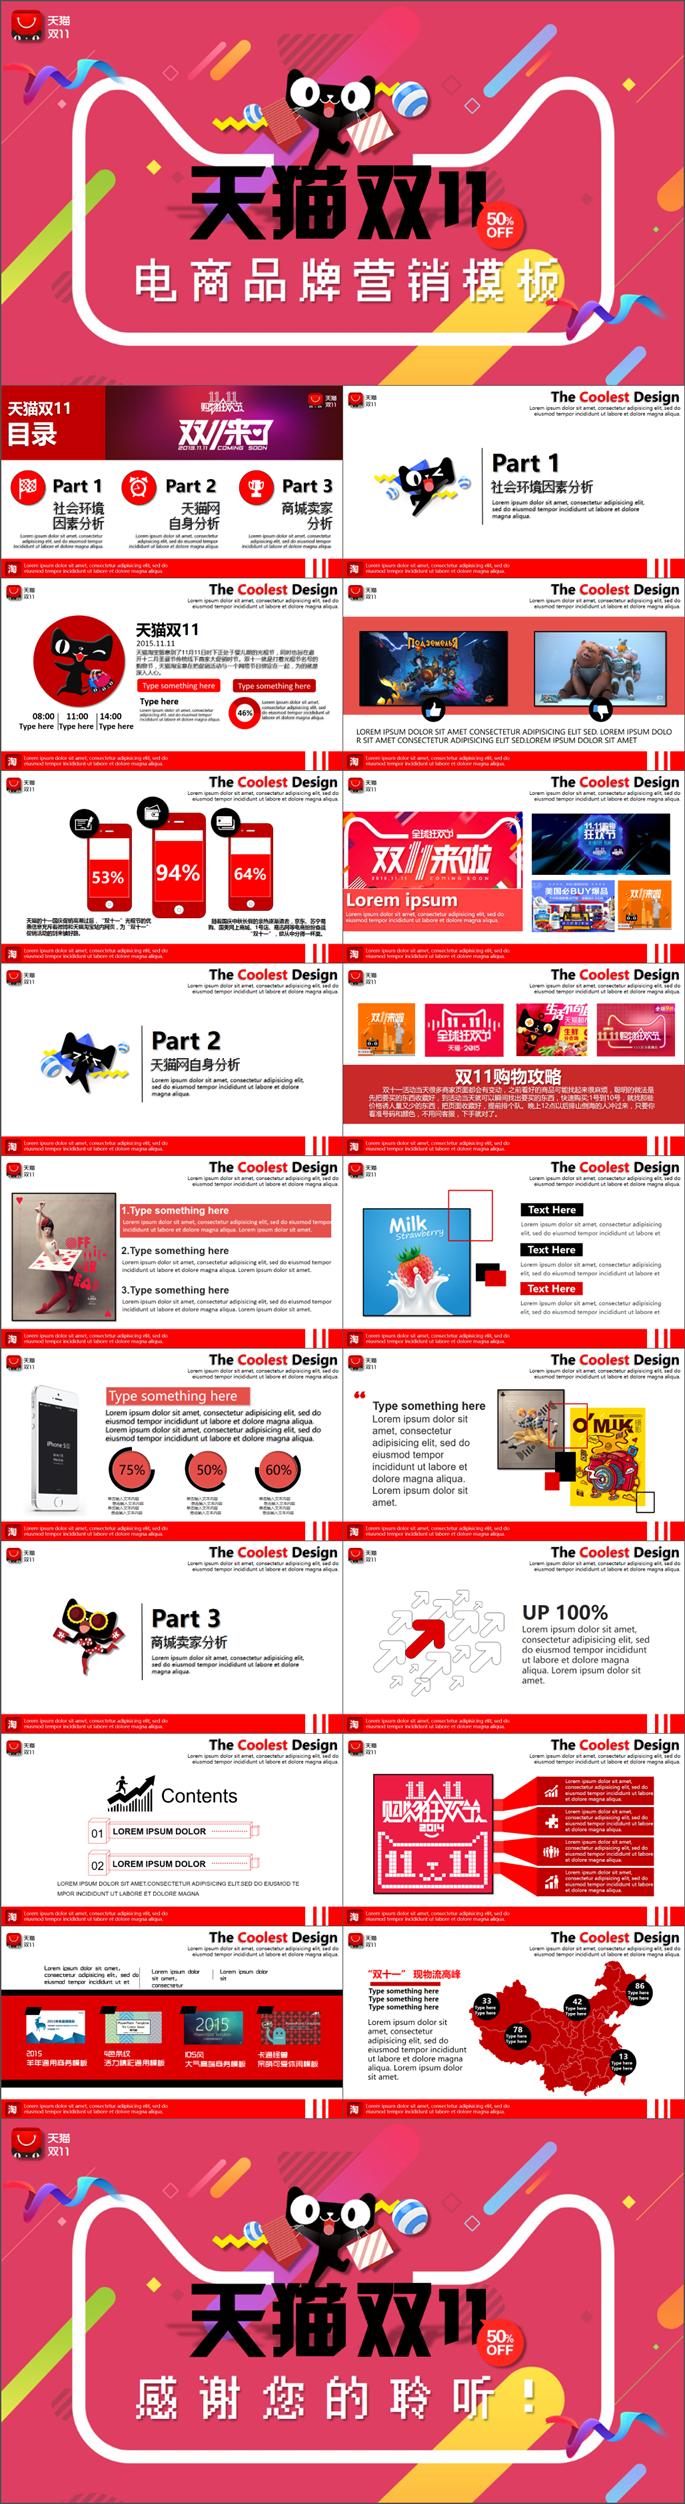 双11购物节营销模板